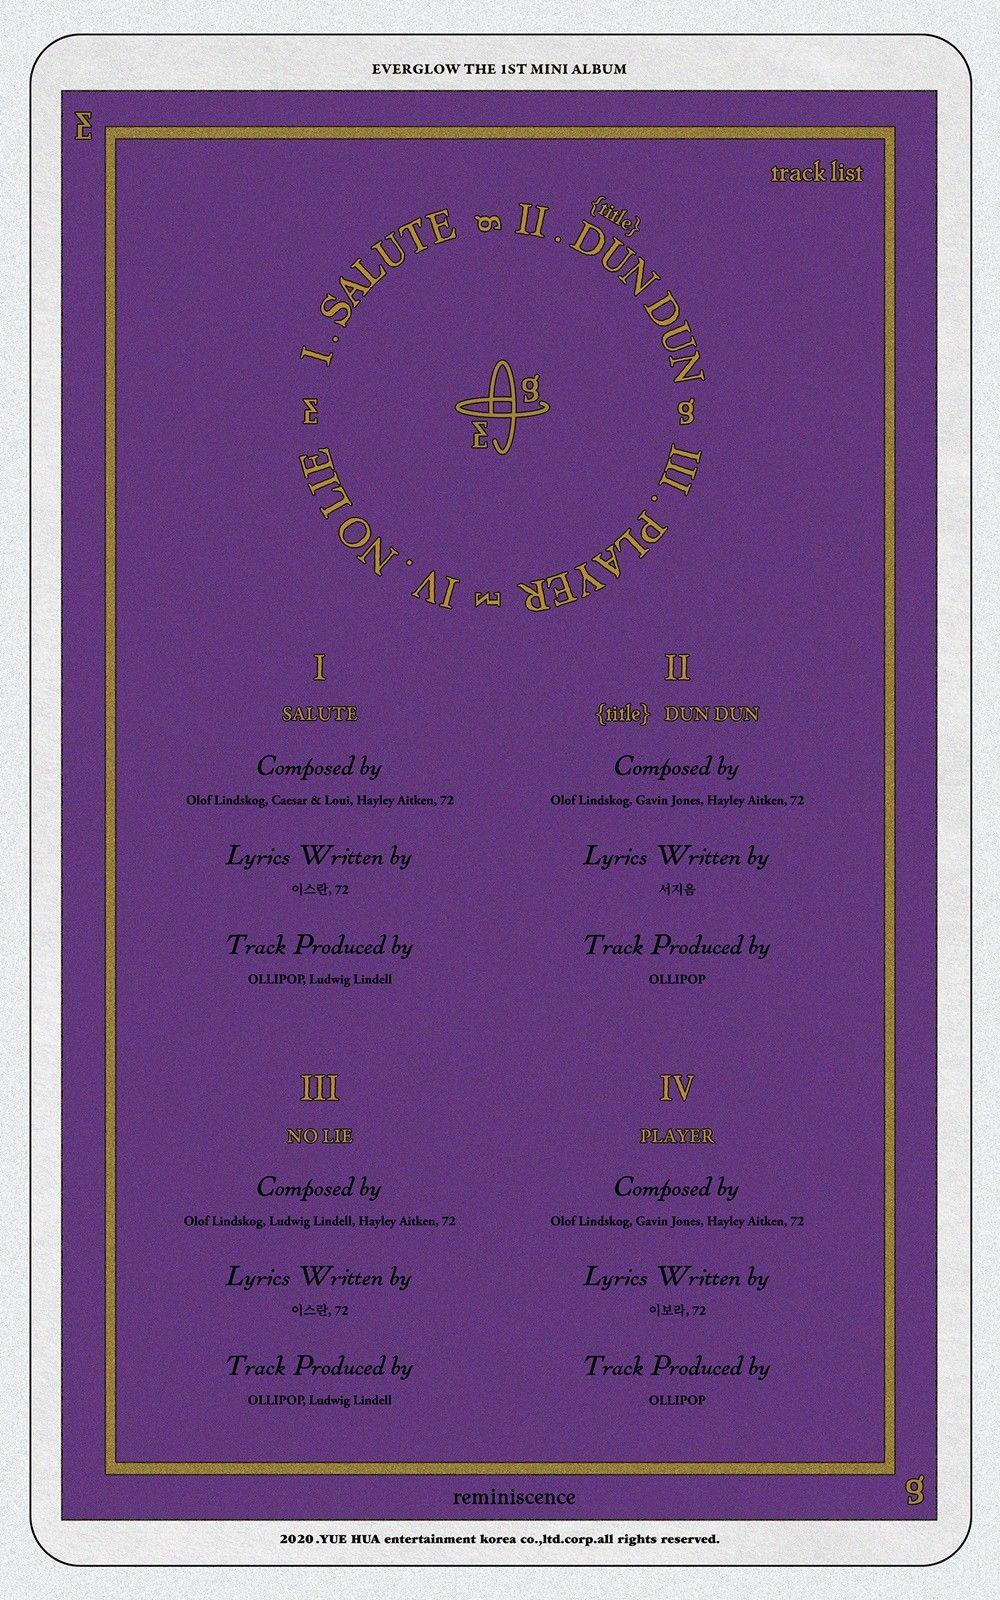 에버글로우, 첫 번째 미니앨범 트랙리스트 공개…타이틀곡은 '던던(DUN DUN)'_이미지